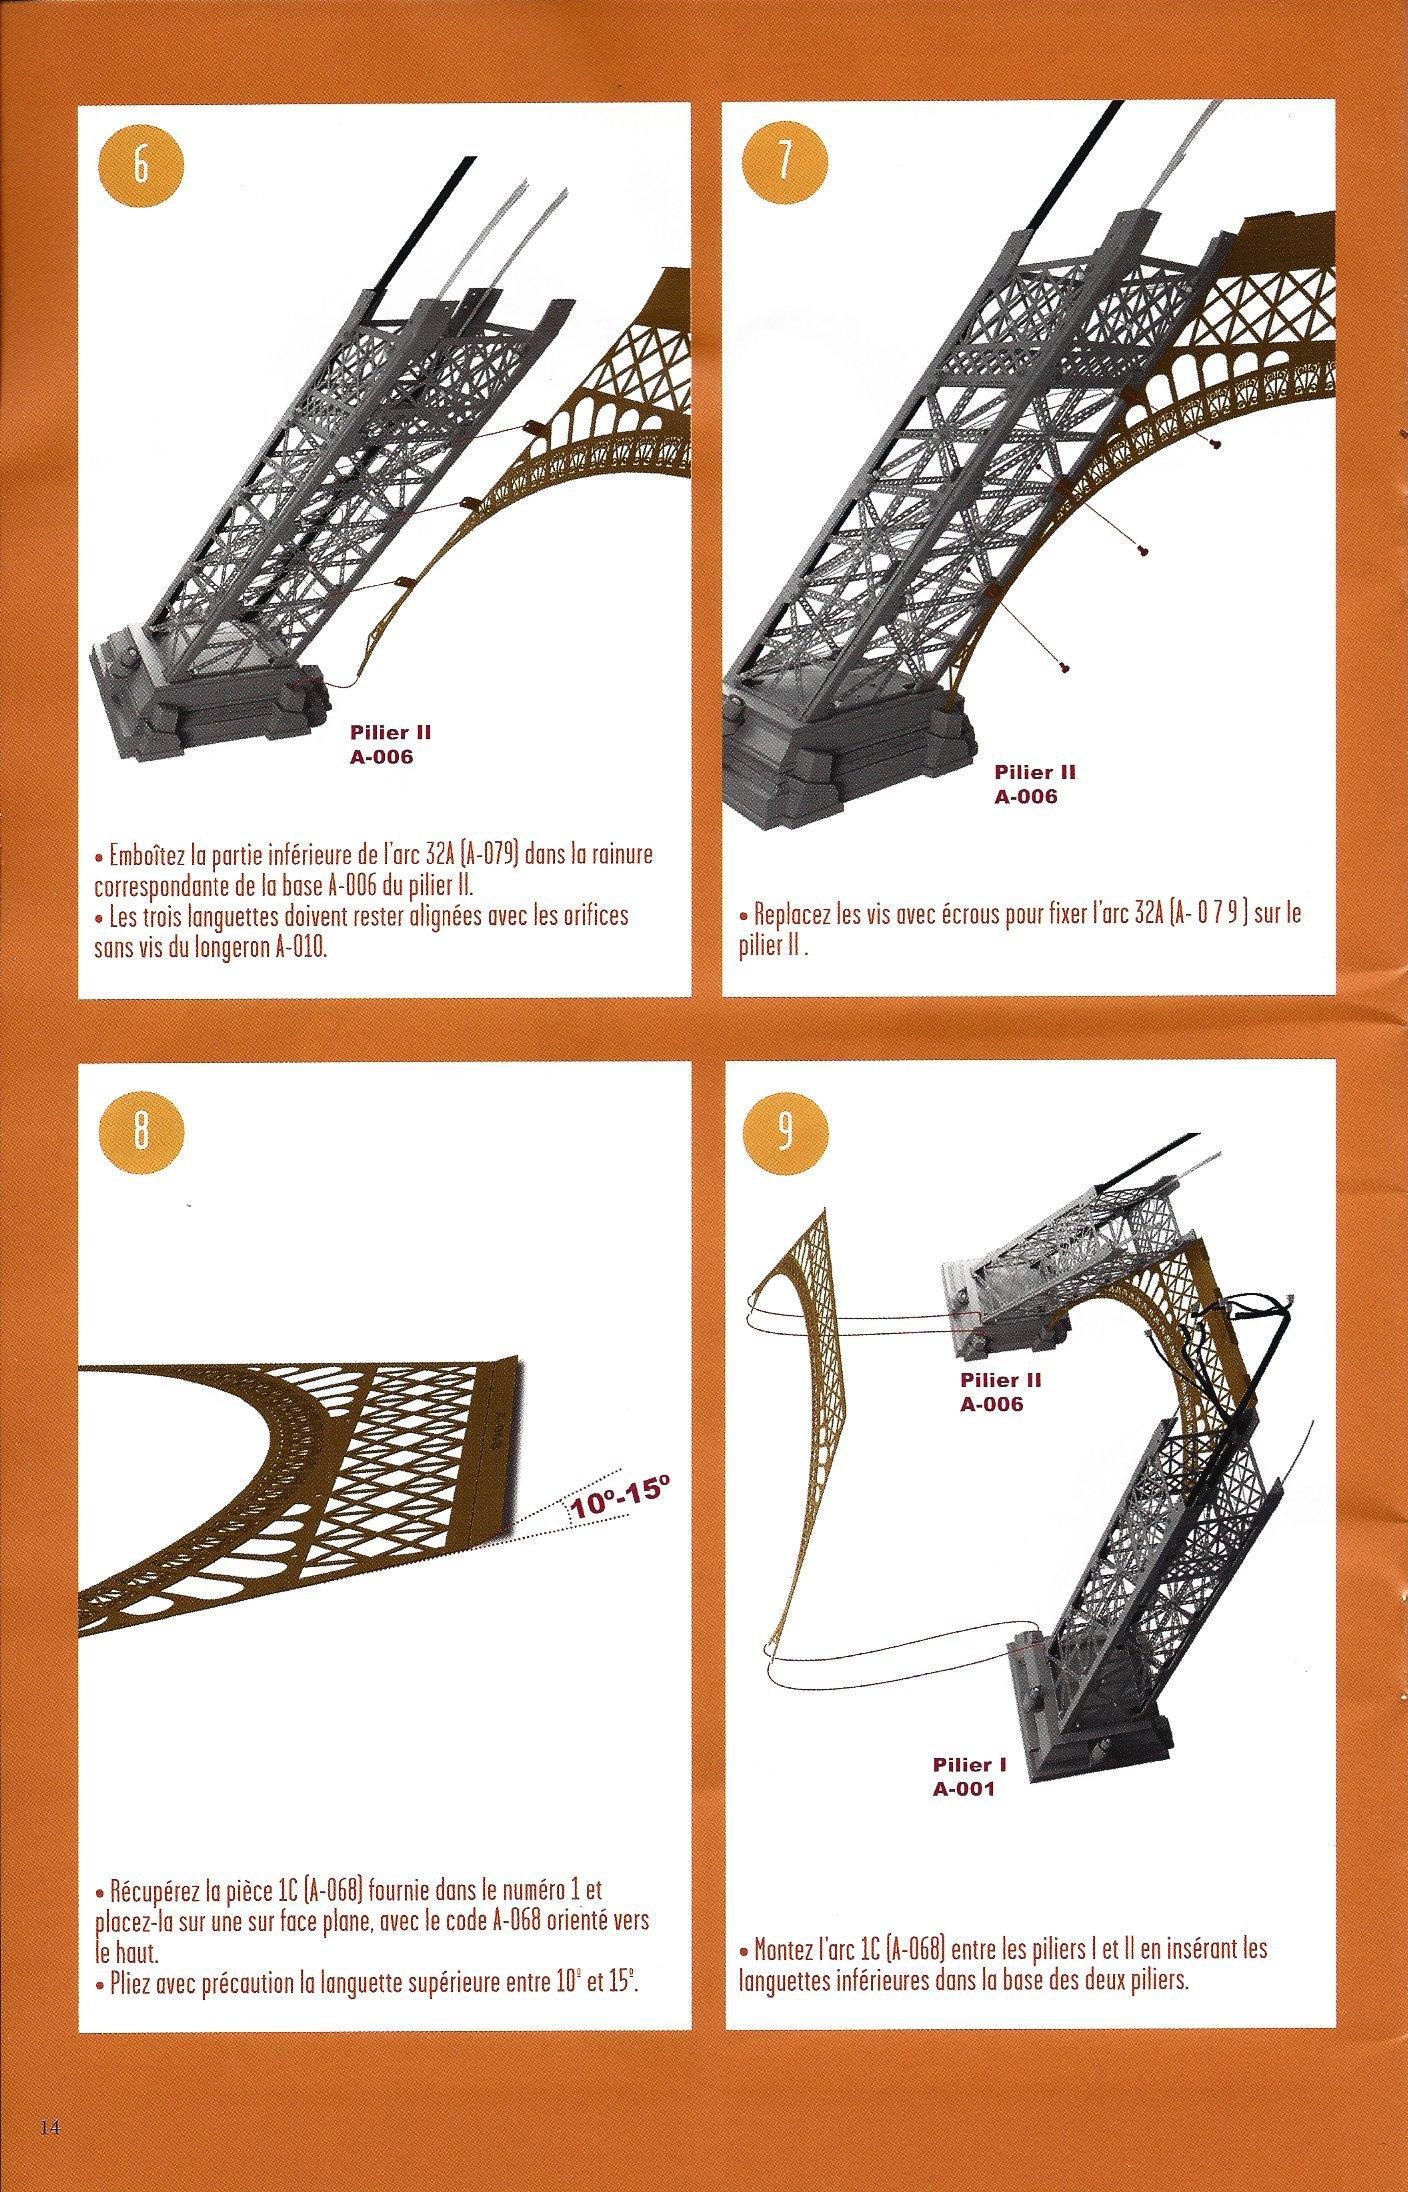 Numéro 32 - Je construis la Tour Eiffel - La fréquentation de la Tour (2/2) 44190032d